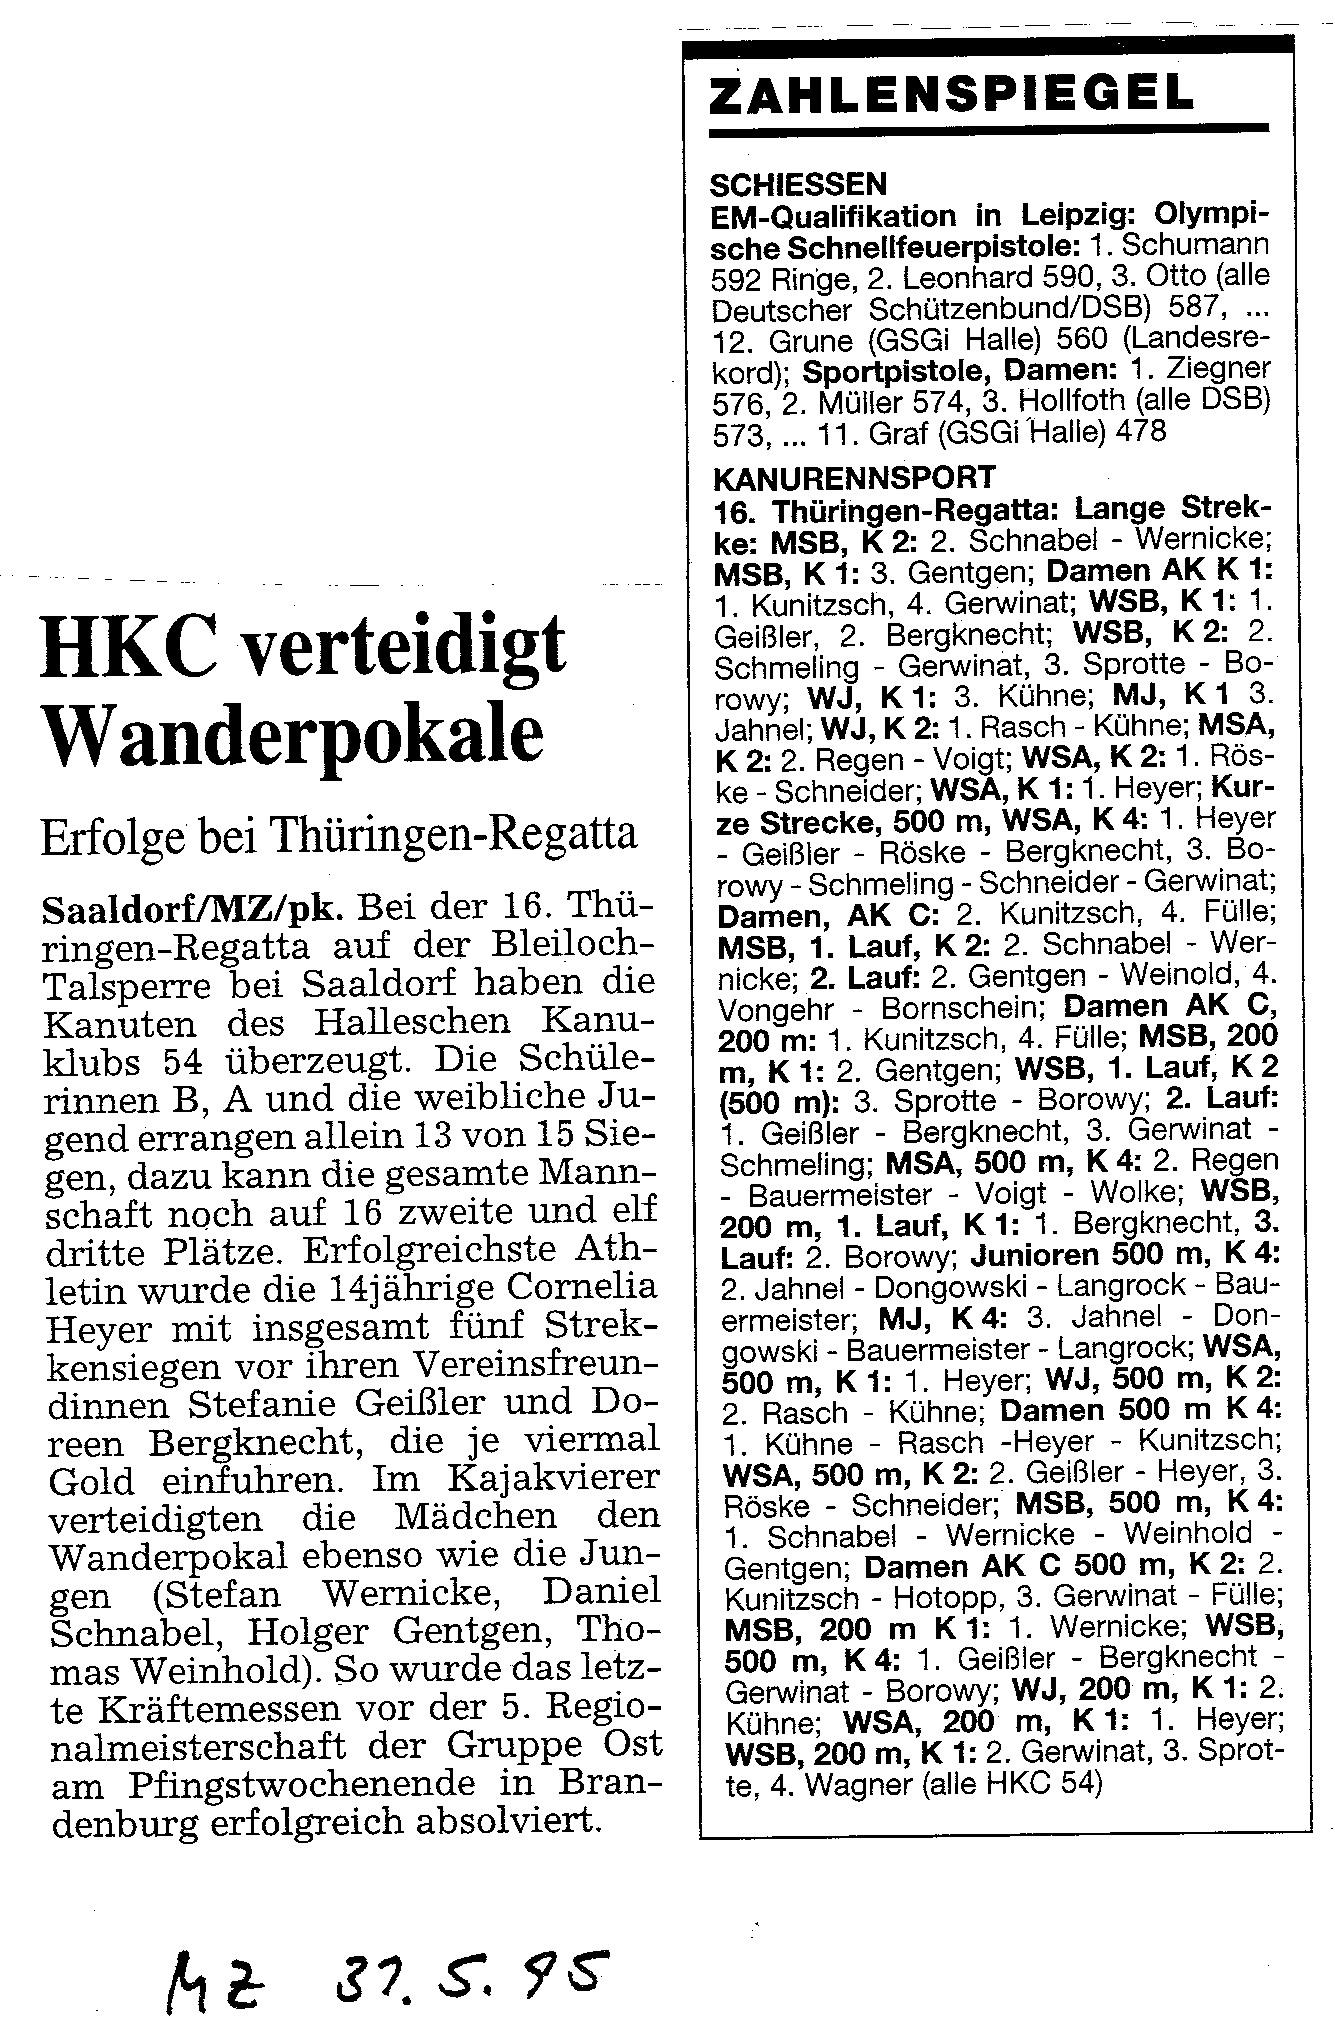 1995-05-31 MZ HKC verteidigt Wanderpokale